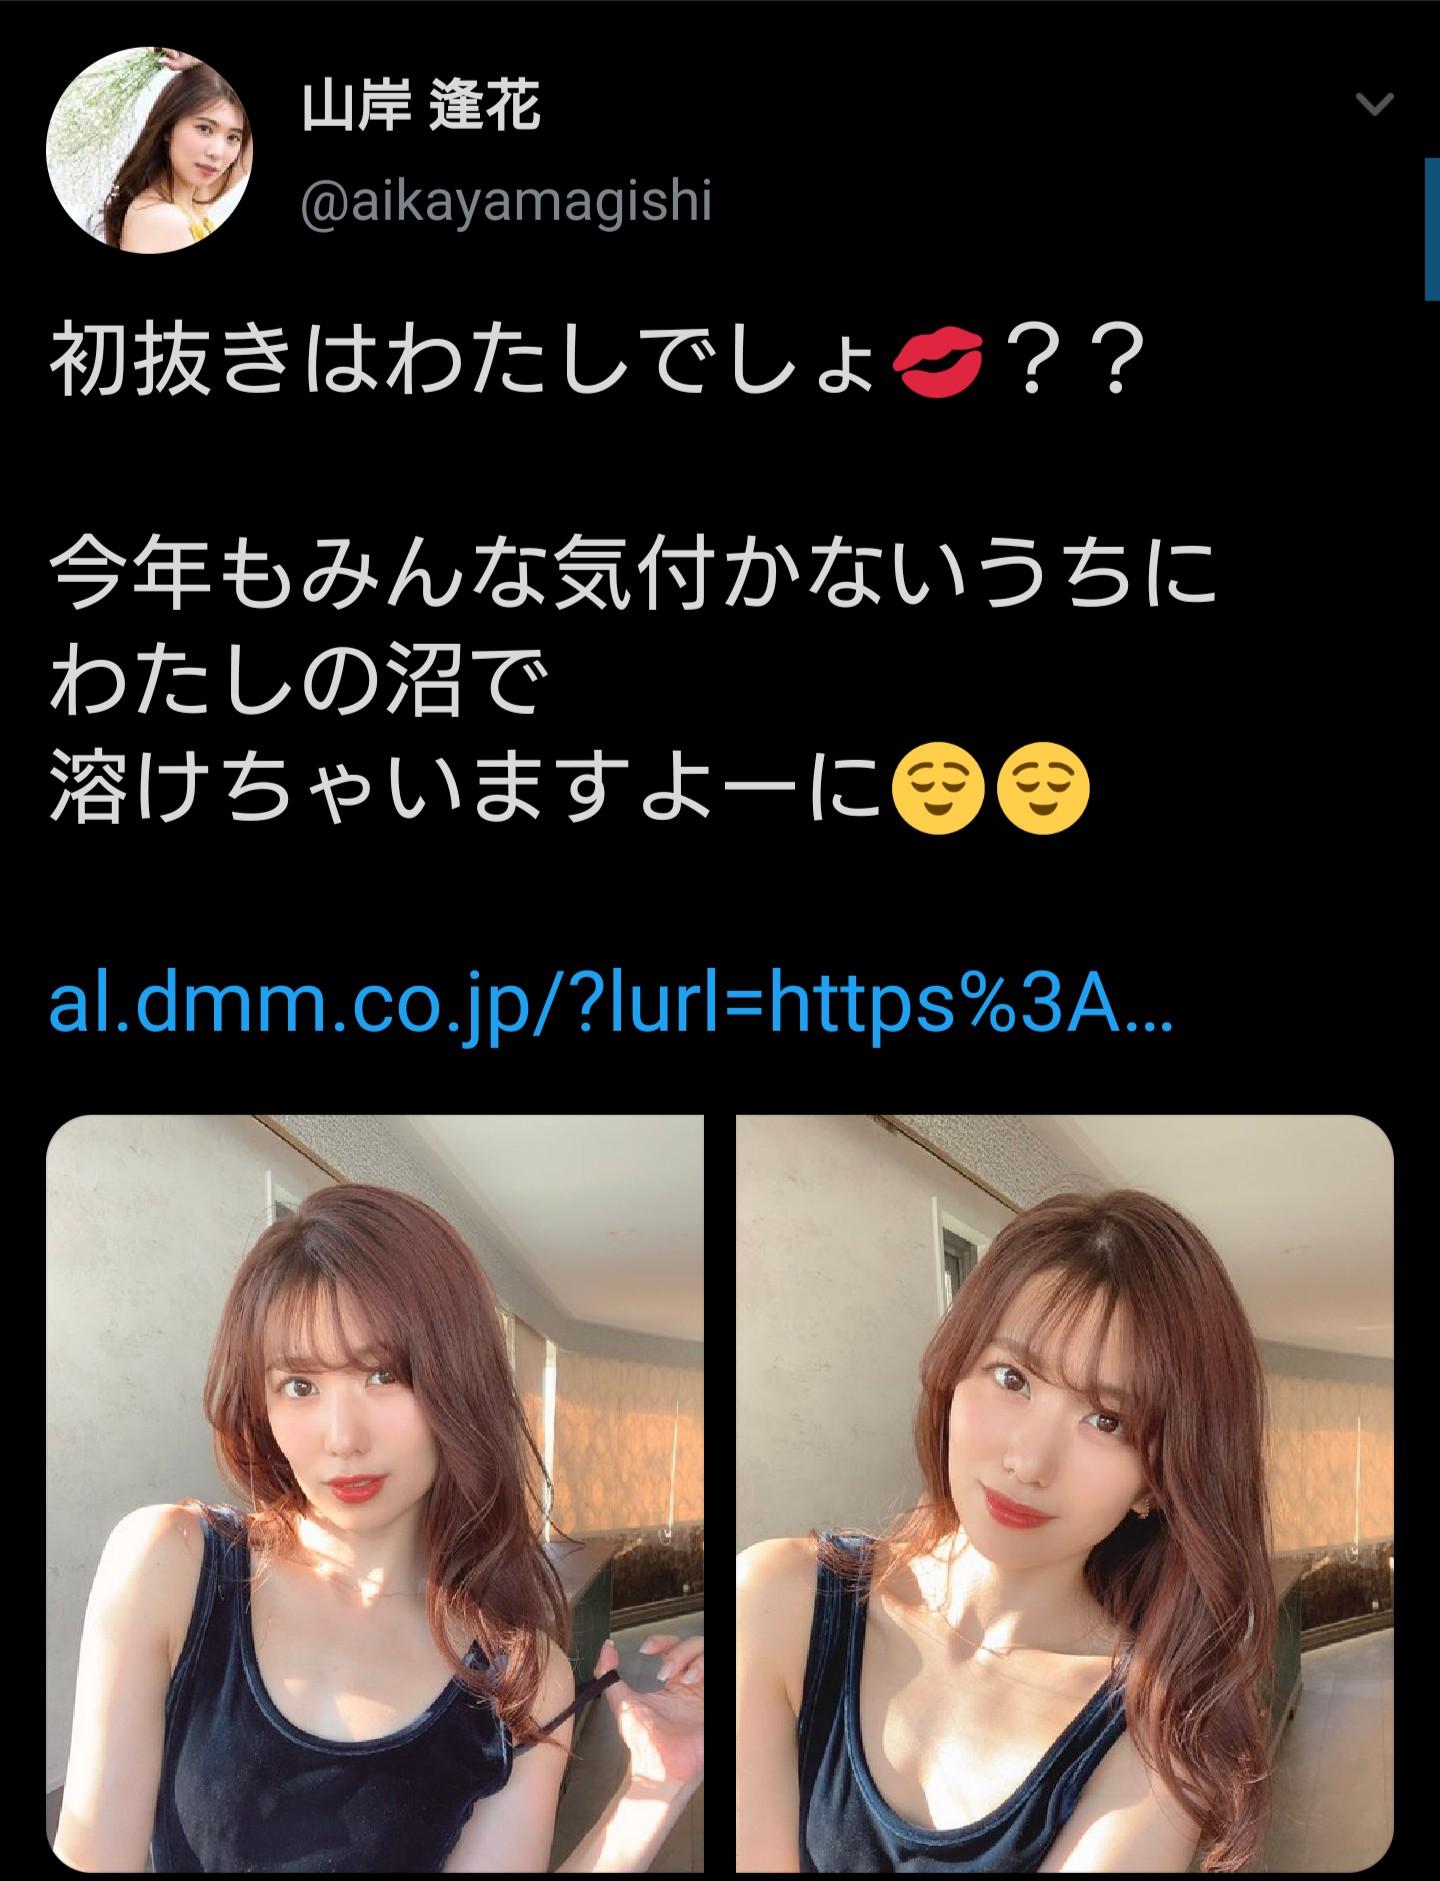 【画像】AV女優・山岸逢花さんが初抜きして欲しいらしいわ